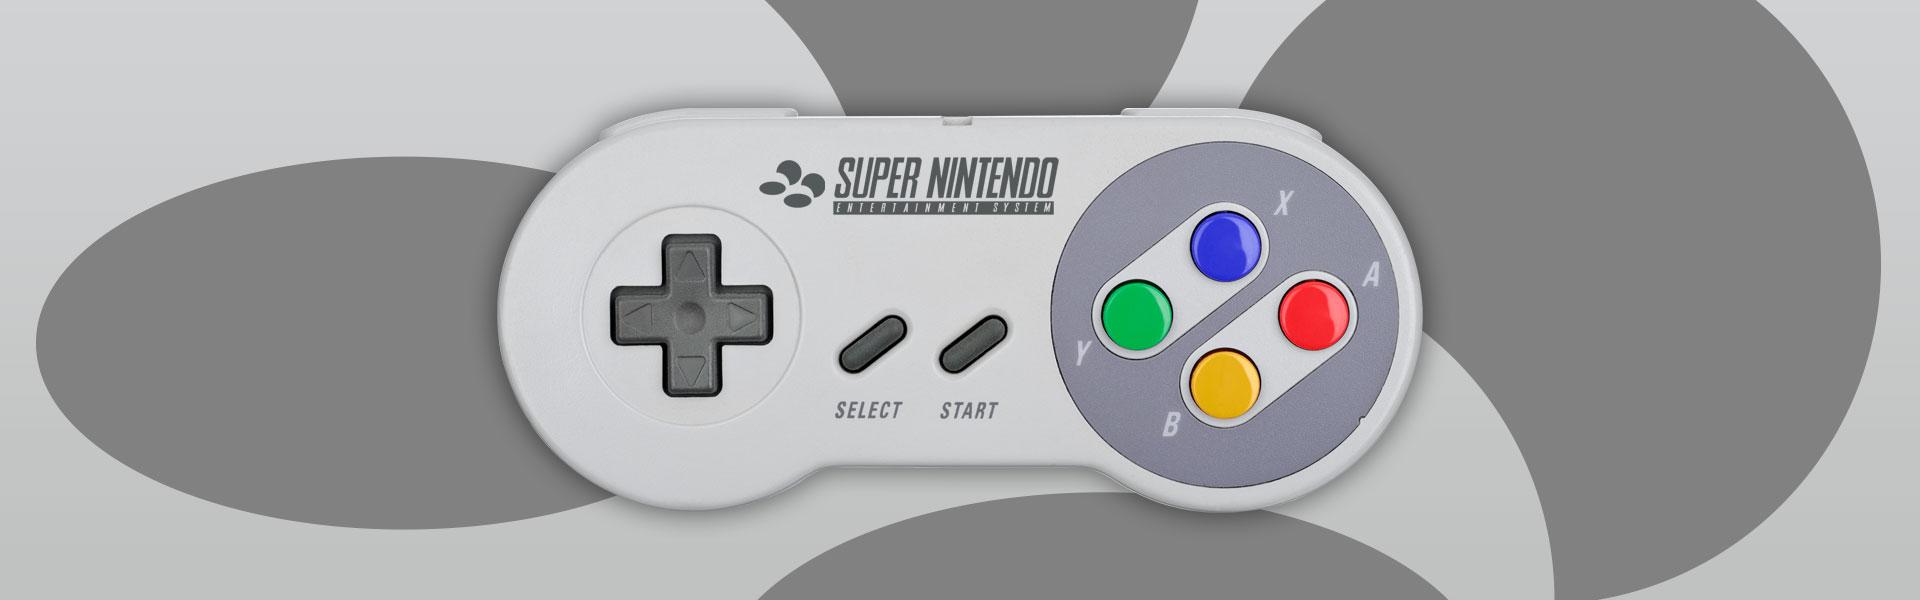 MPU_Ep_51_Super_Nintendo_Part_2_1920x600